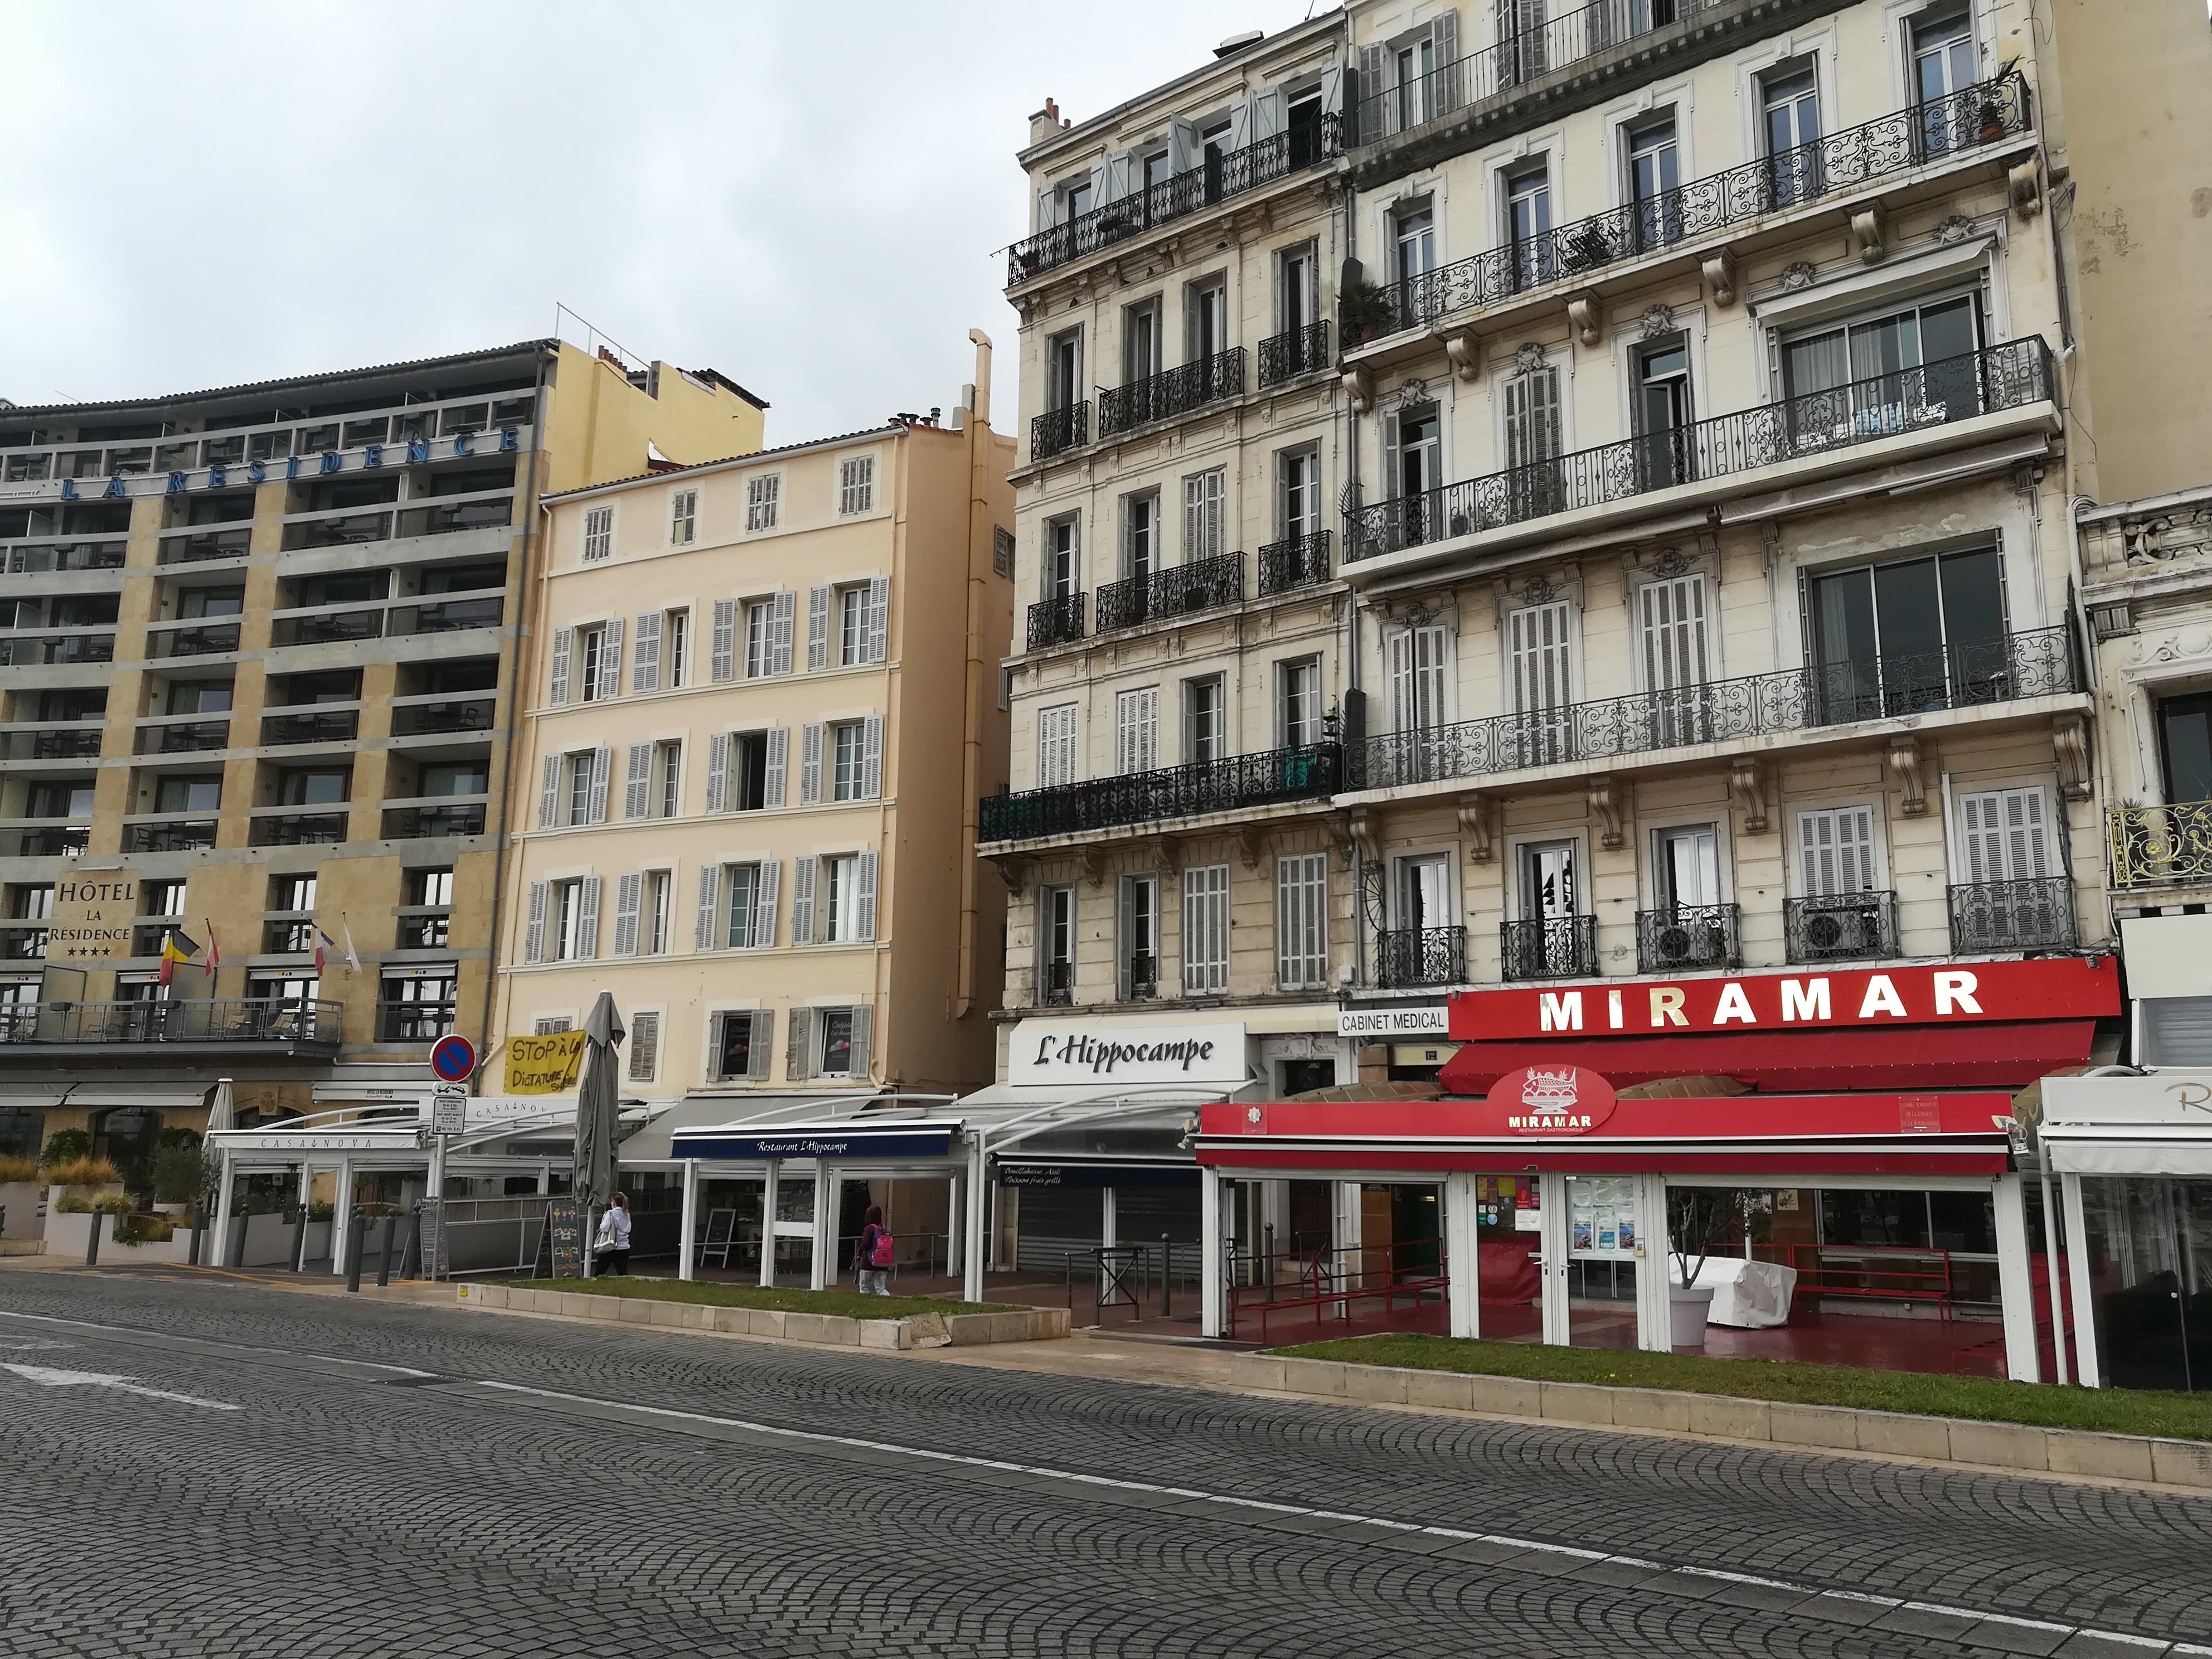 Commerce et Hébergement/Restauration des Bouches-du-Rhône ont bénéficié de plus de 155 millions d'euros au titre du fonds de solidarité et plus de 15 millions d'euros de reports d'échéances fiscales.  (Photo JC Barla)